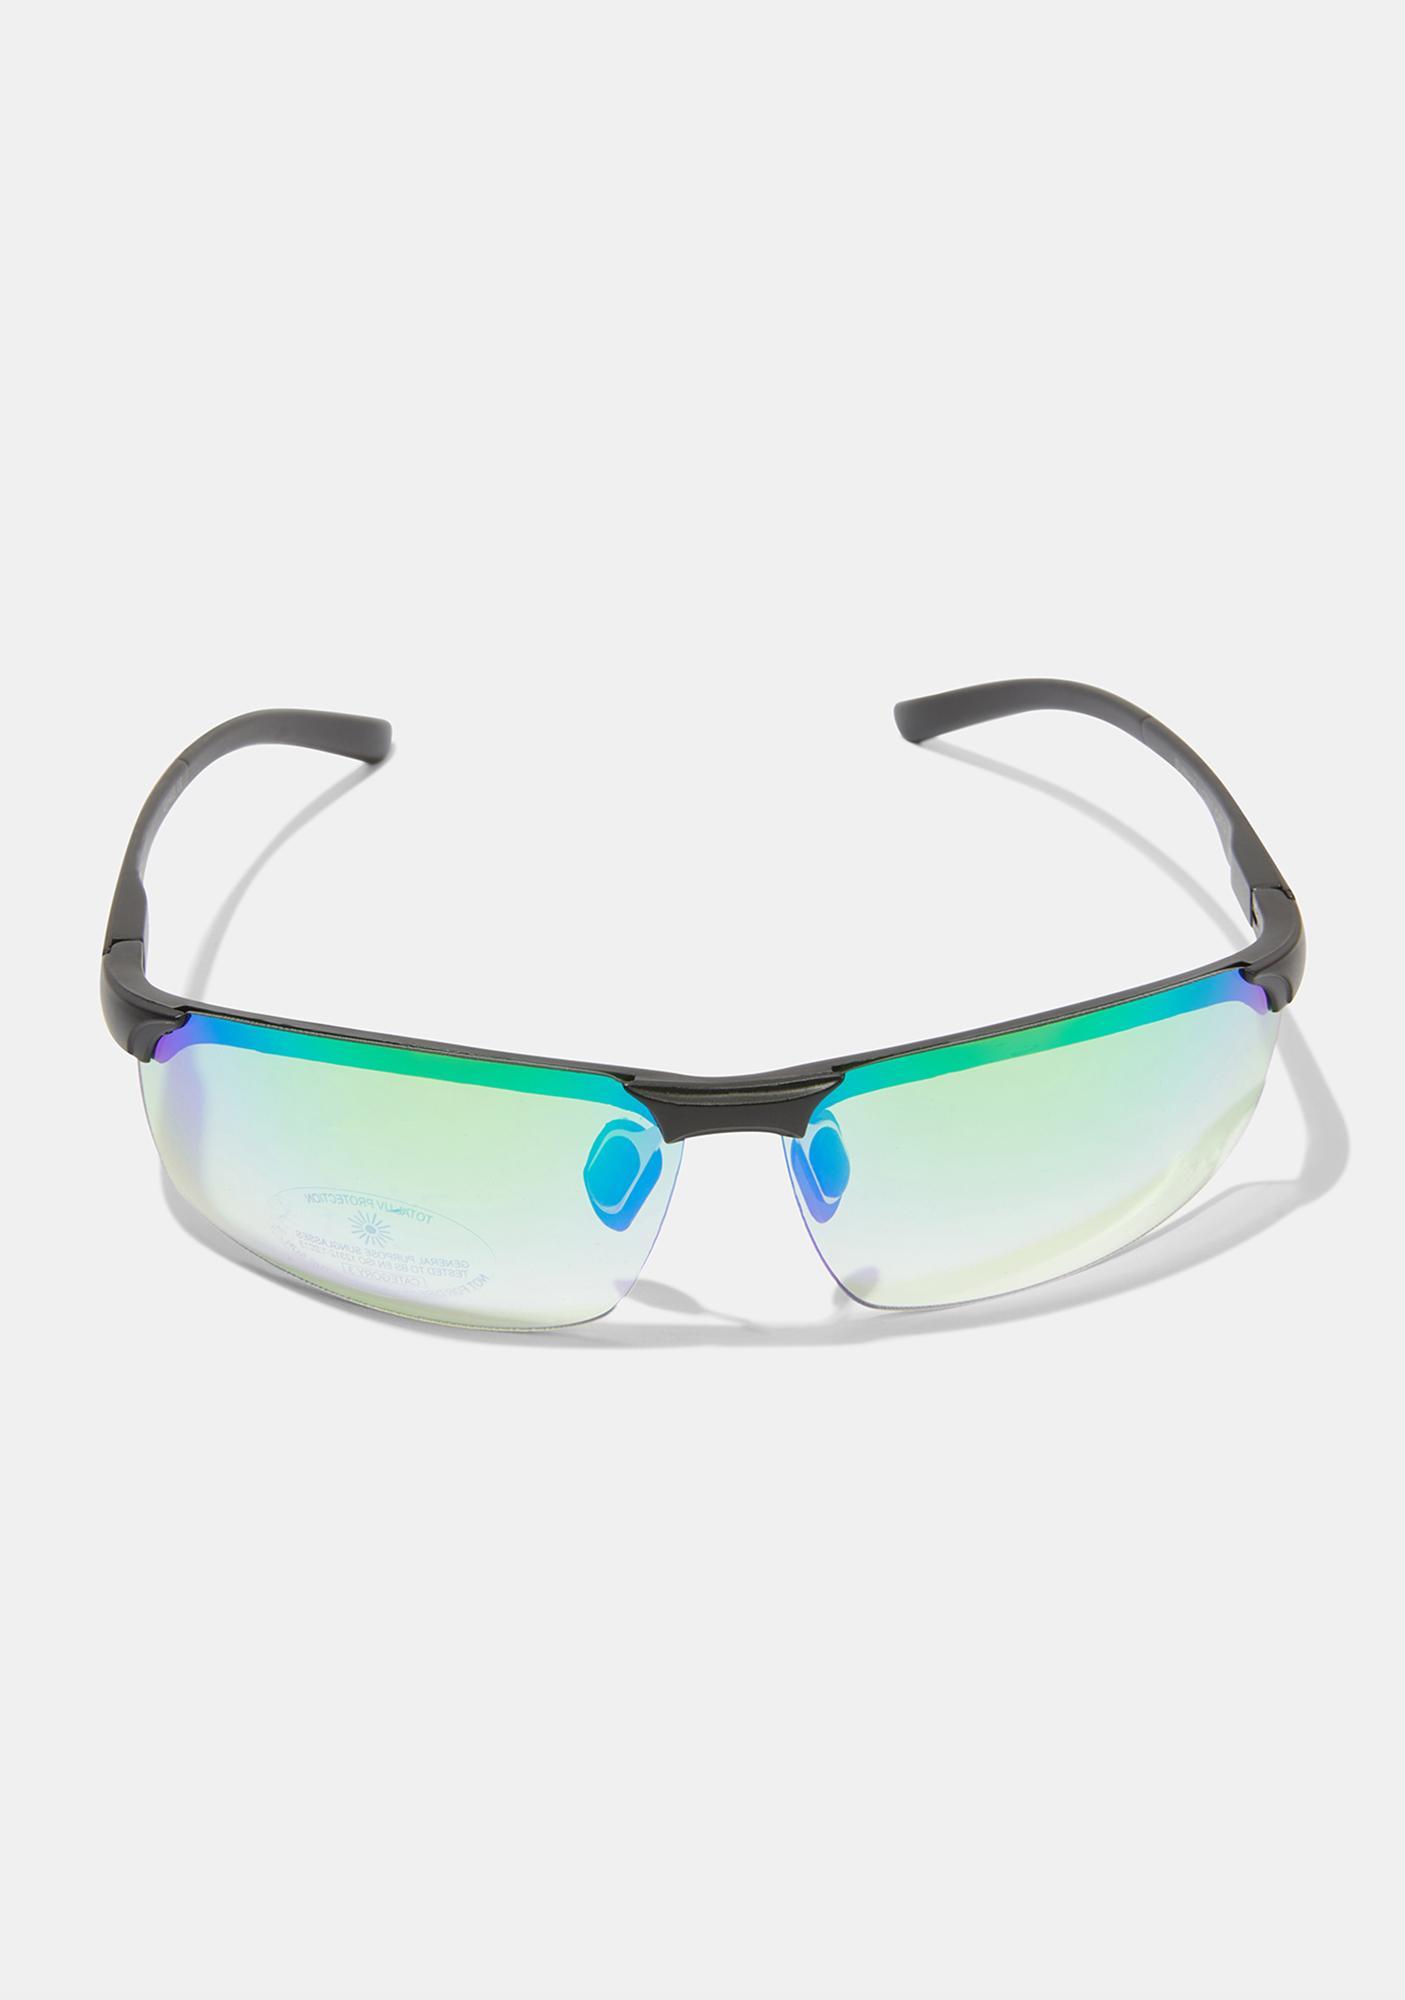 Action Star Frameless Sunglasses